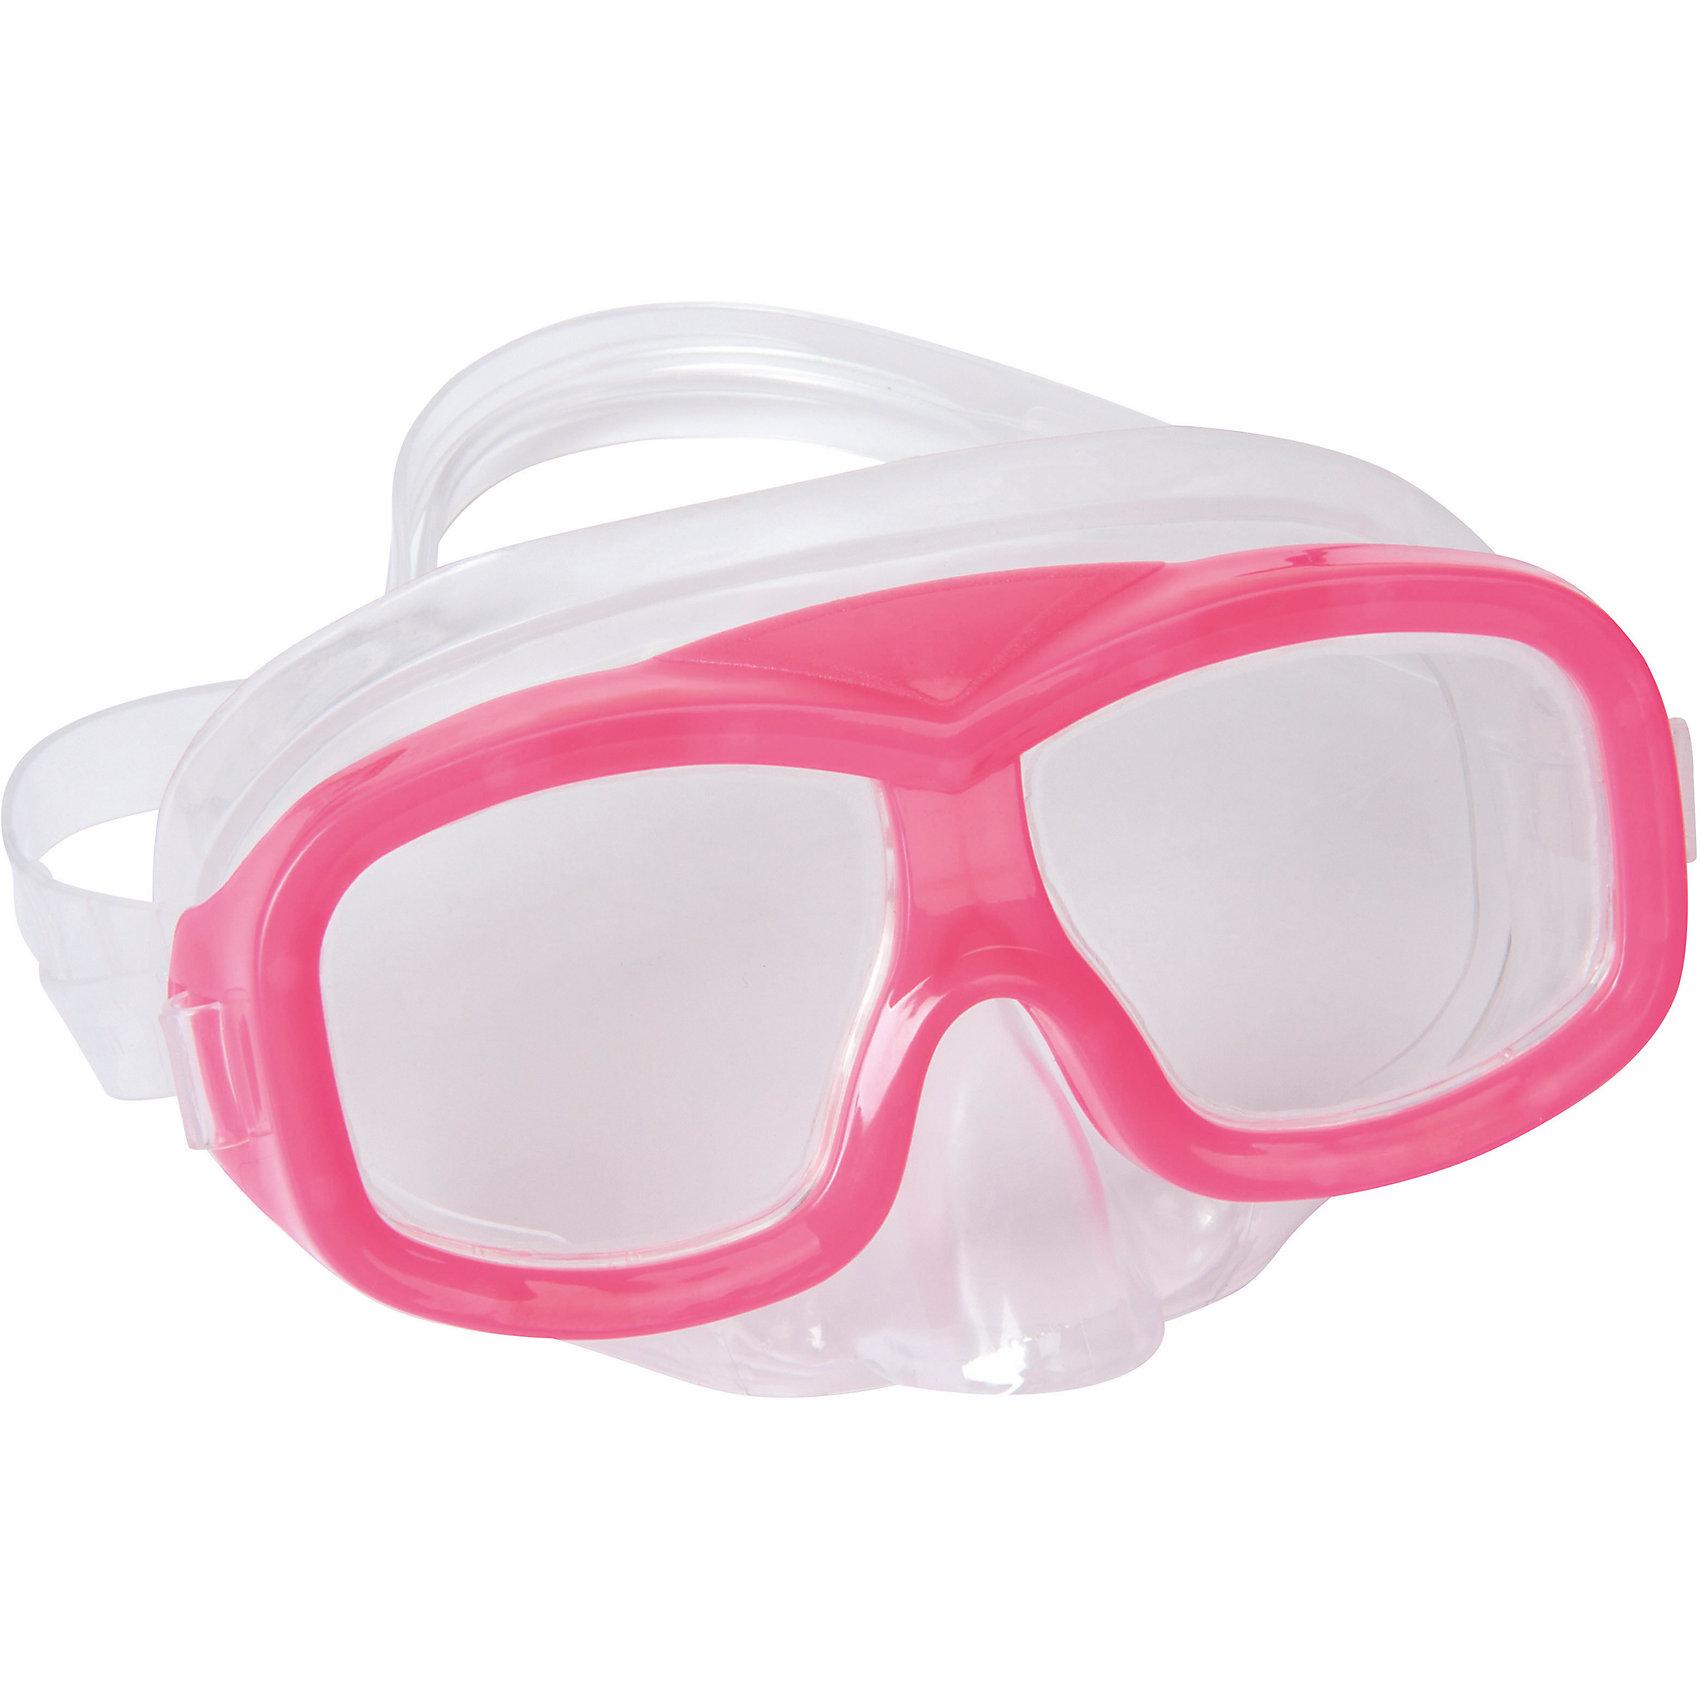 Маска для ныряния Neuwave детская, розовая, BestwayОчки, маски, ласты, шапочки<br>Маска для ныряния Neuwave детская, розовая, Bestway (Бествей)<br><br>Характеристики:<br><br>• надежно защищает<br>• плотно прилегает к голове<br>• не вызывает аллергии<br>• материал: пластик<br>• цвет: розовый<br>• вес: 113 грамм<br><br>Маска Neuwave надежно защитит глаза ребенка во время изучения подводного мира. Маска подходит для ныряния, игр в воде и занятий в бассейне. Она плотно прилегает к голове благодаря регулирующемуся ремешку. Изготовлена из гипоаллергенных материалов.<br><br>Маску для ныряния Neuwave детская, розовая, Bestway (Бествей) можно купить в нашем интернет-магазине.<br><br>Ширина мм: 432<br>Глубина мм: 365<br>Высота мм: 245<br>Вес г: 113<br>Возраст от месяцев: 36<br>Возраст до месяцев: 72<br>Пол: Женский<br>Возраст: Детский<br>SKU: 5486986